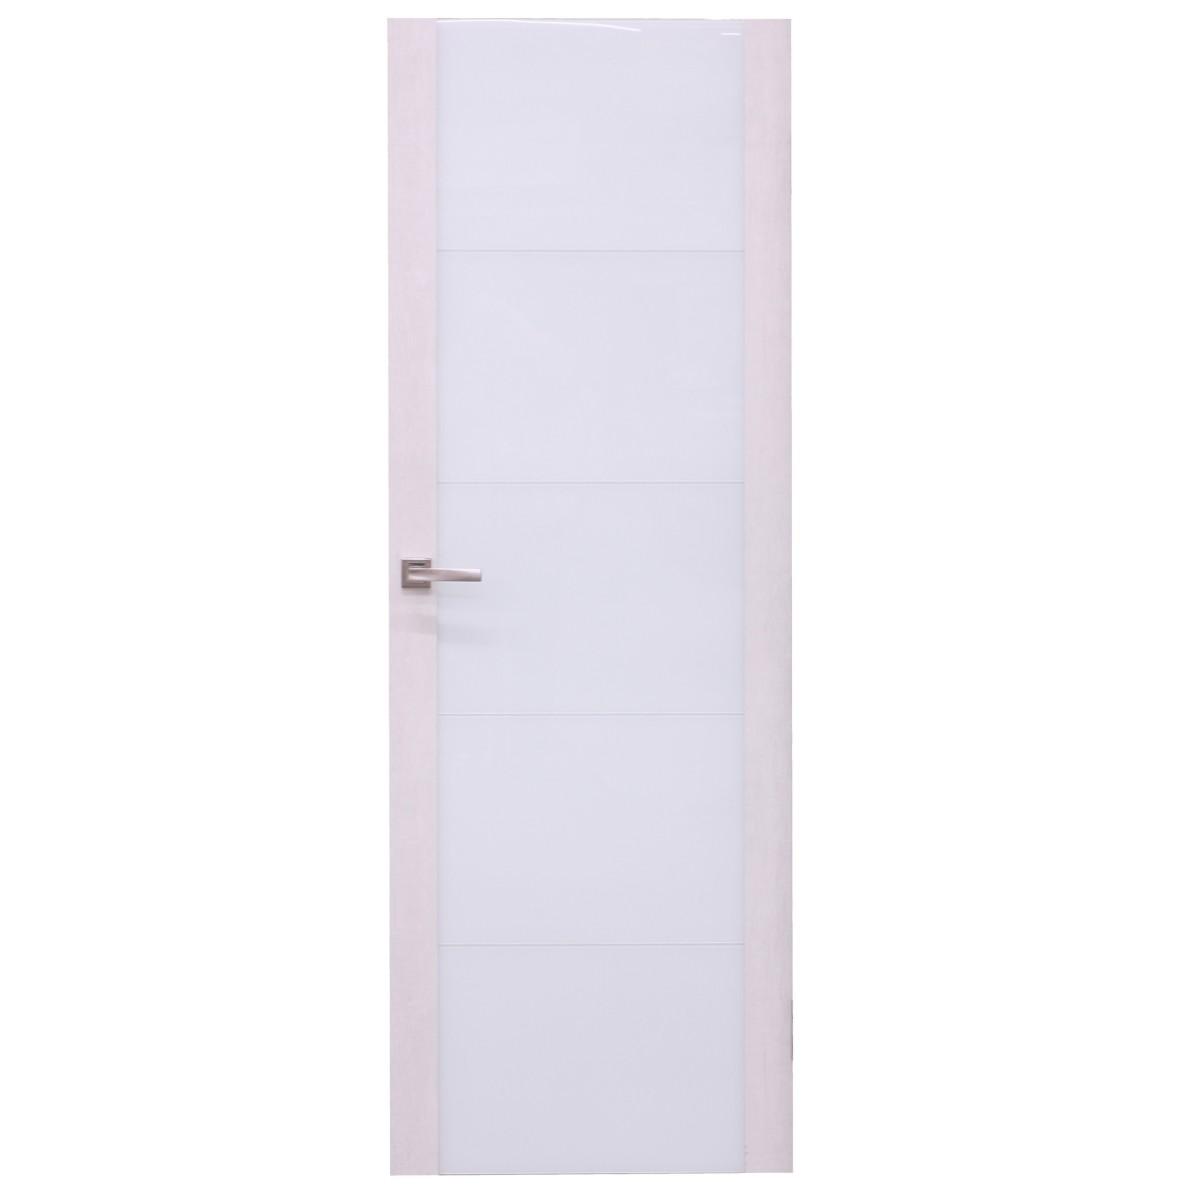 Дверь межкомнатная остеклённая Техно 60x200 см цвет дуб серый